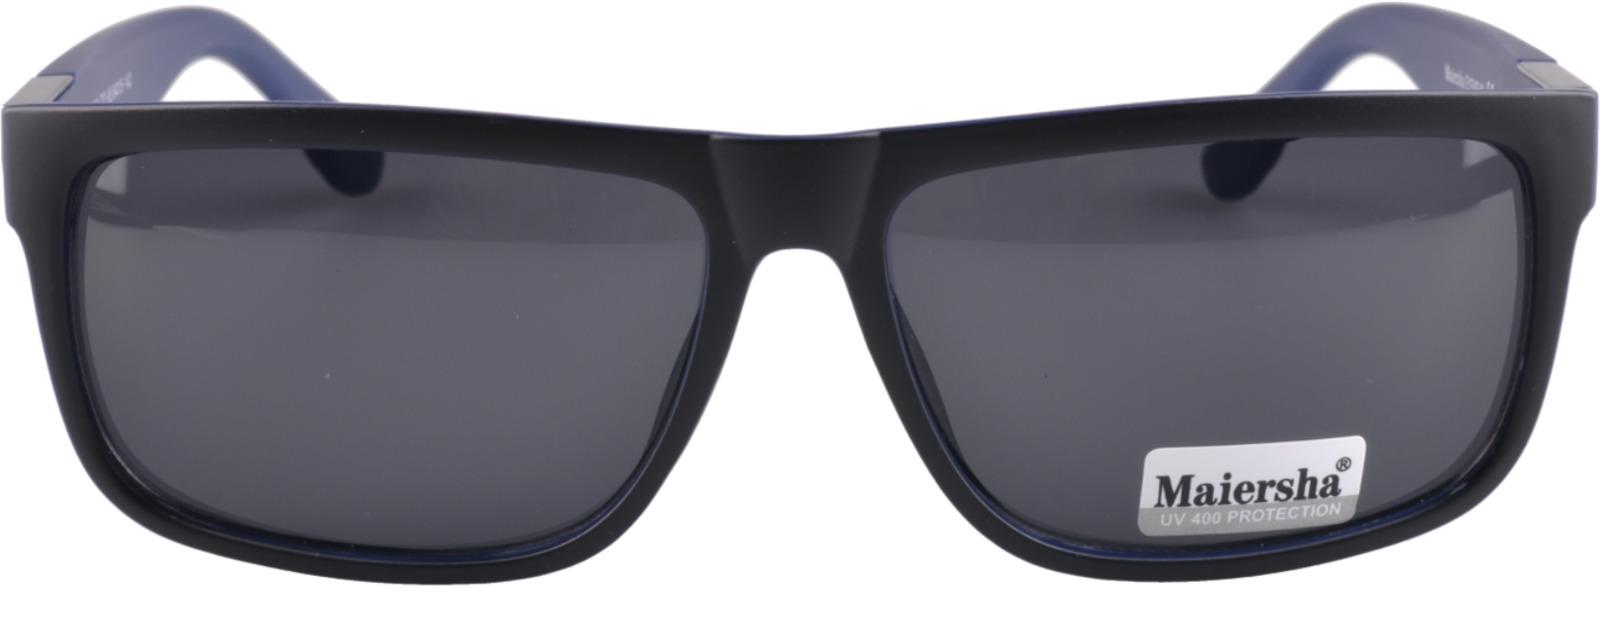 Очки солнцезащитные мужские Maiersha, 3811 С32-08, синий